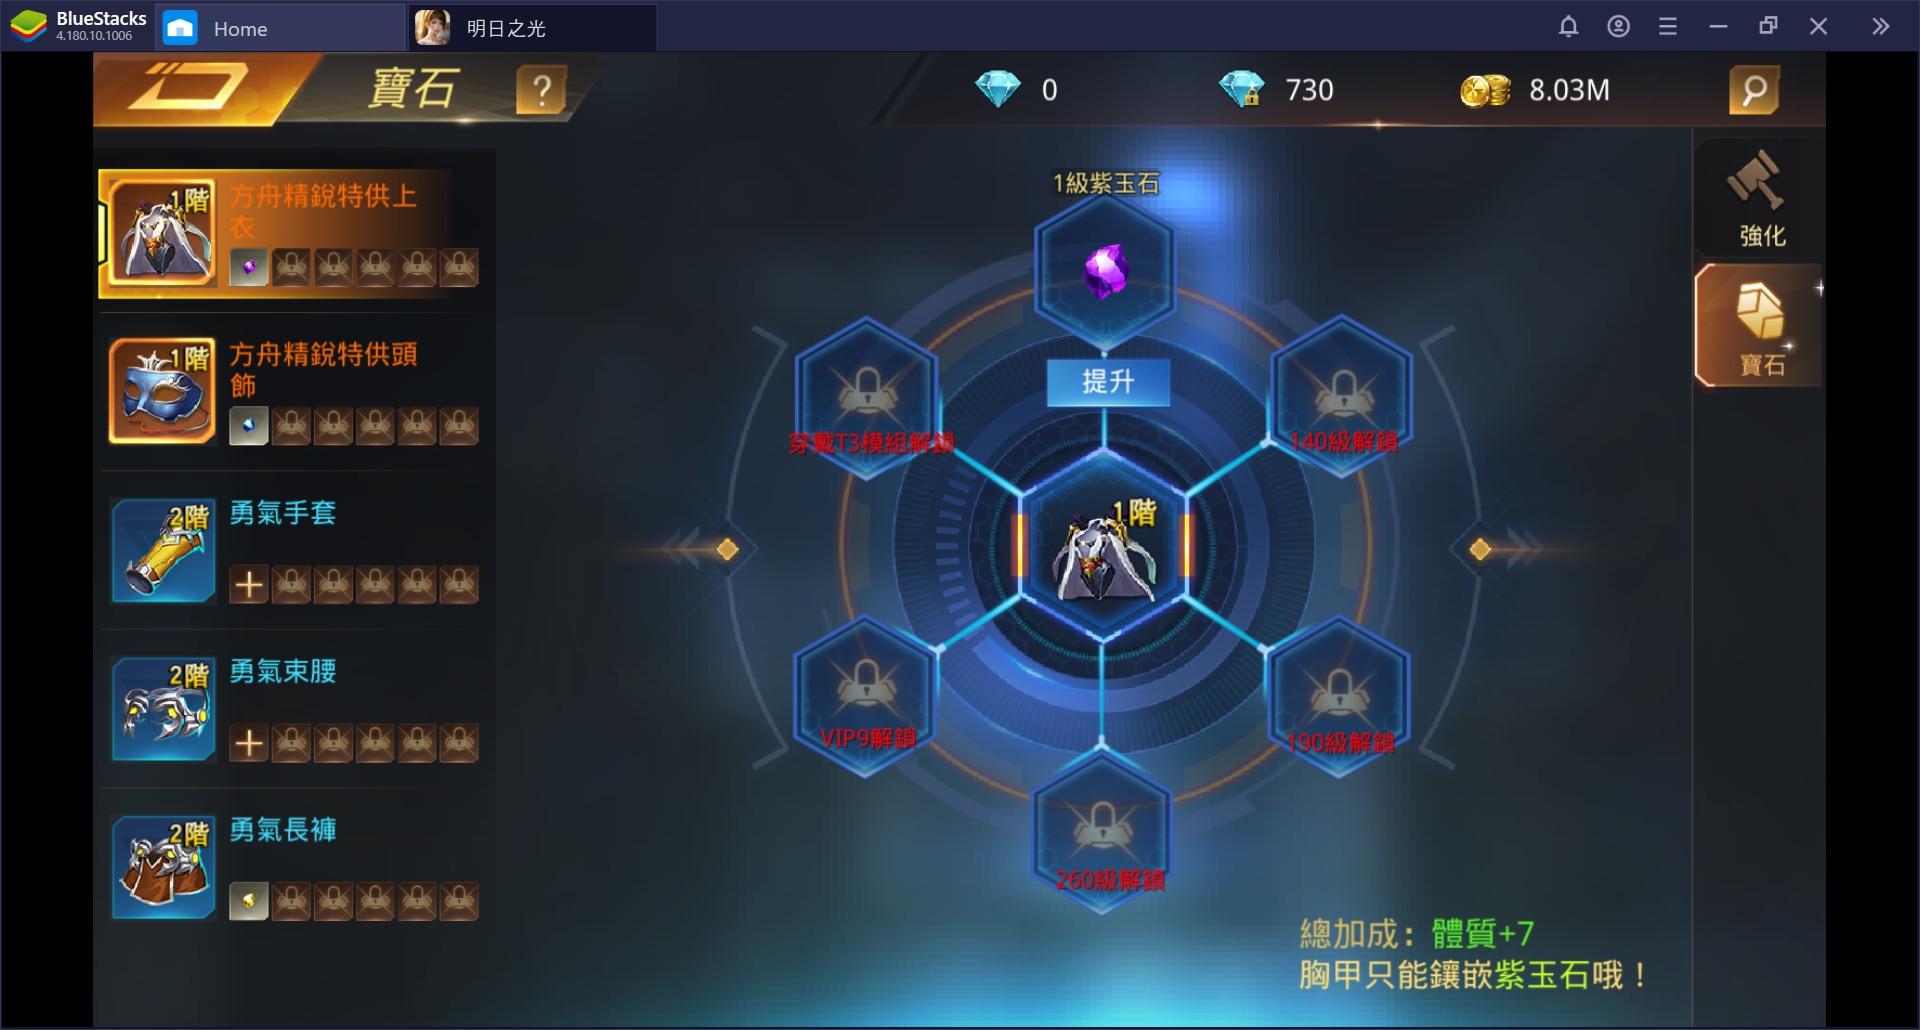 末日題材 MMORPG《明日之光》:核心功能之盤點